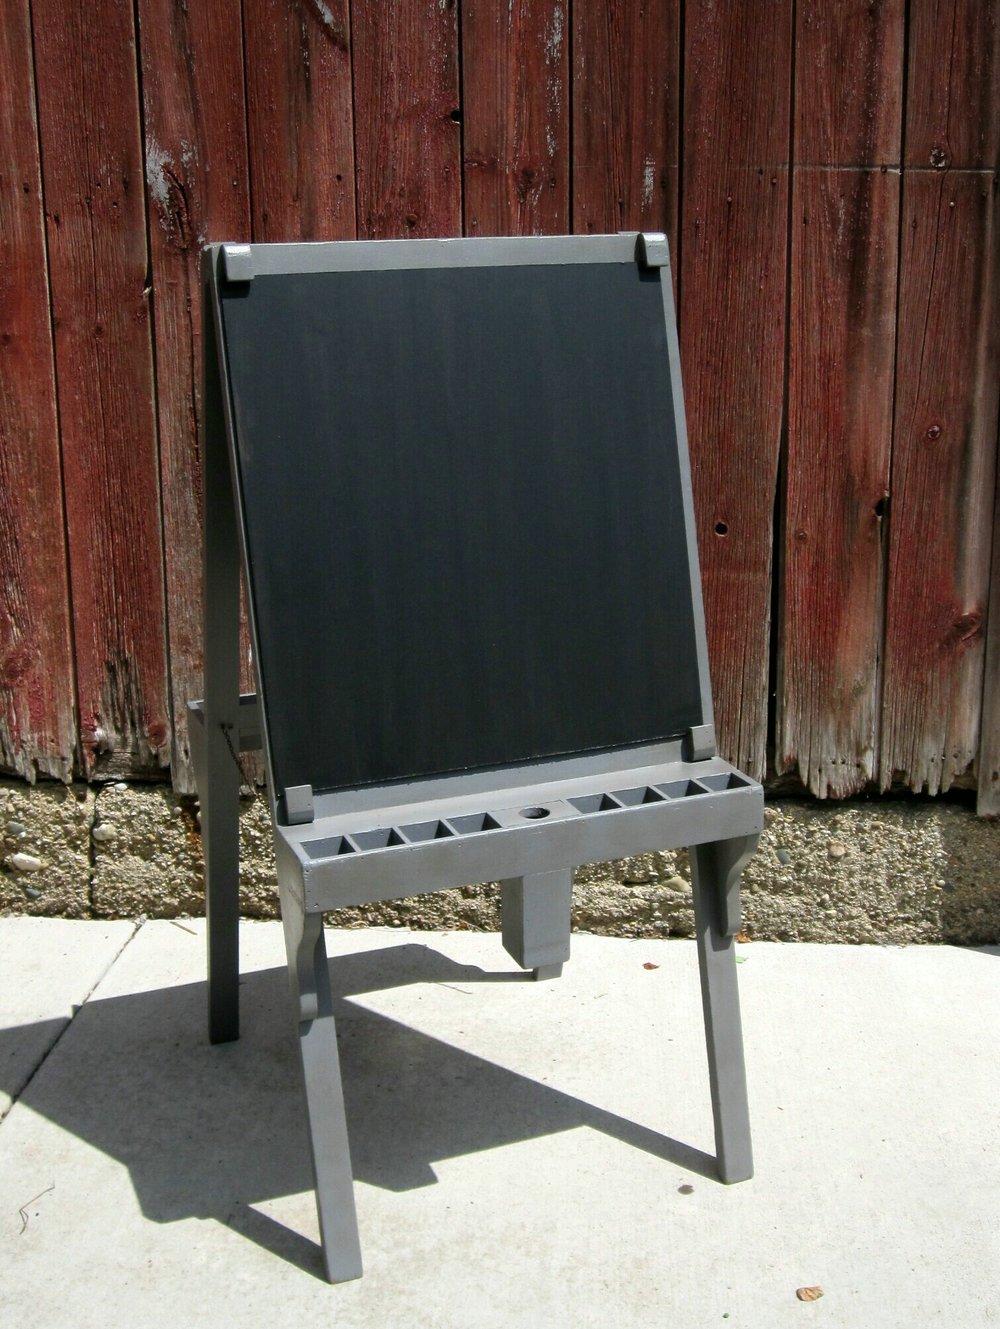 Artist Chalkboard - DescriptionQuantity~ 1Price ~ $15